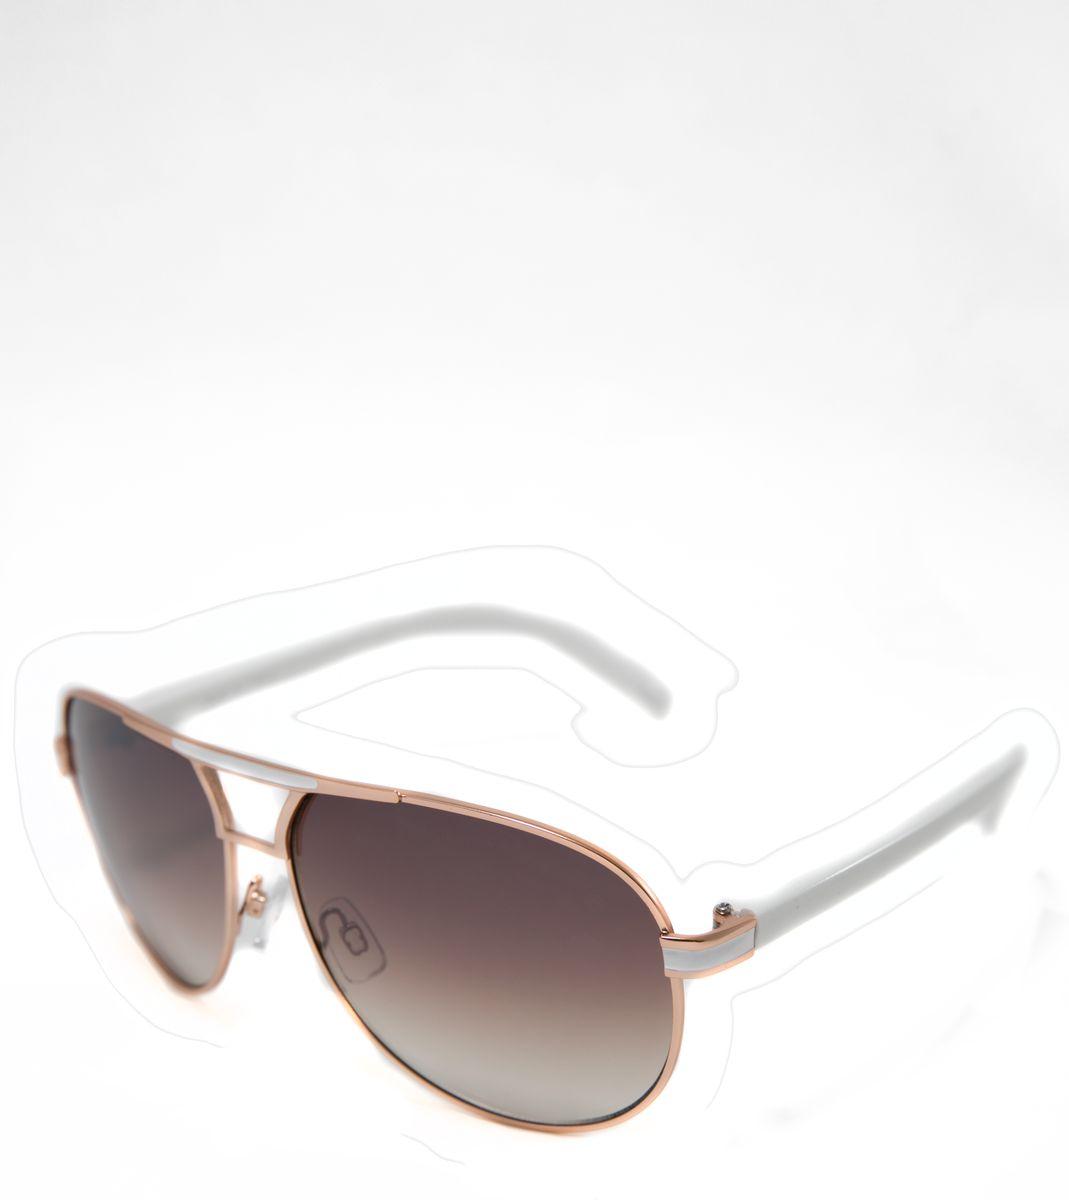 Очки солнцезащитные Mitya Veselkov, цвет: белый. MSK-1704-3INT-06501Прекрасные антибликовые очки Mitya Veselkov, станут прекрасным и стильным аксессуаром для вас и защитят от УФ лучей. Они помогут глазу более четко распознать картинку, засвеченную солнечными лучами, при этом скорректируют все возникшие искажения.